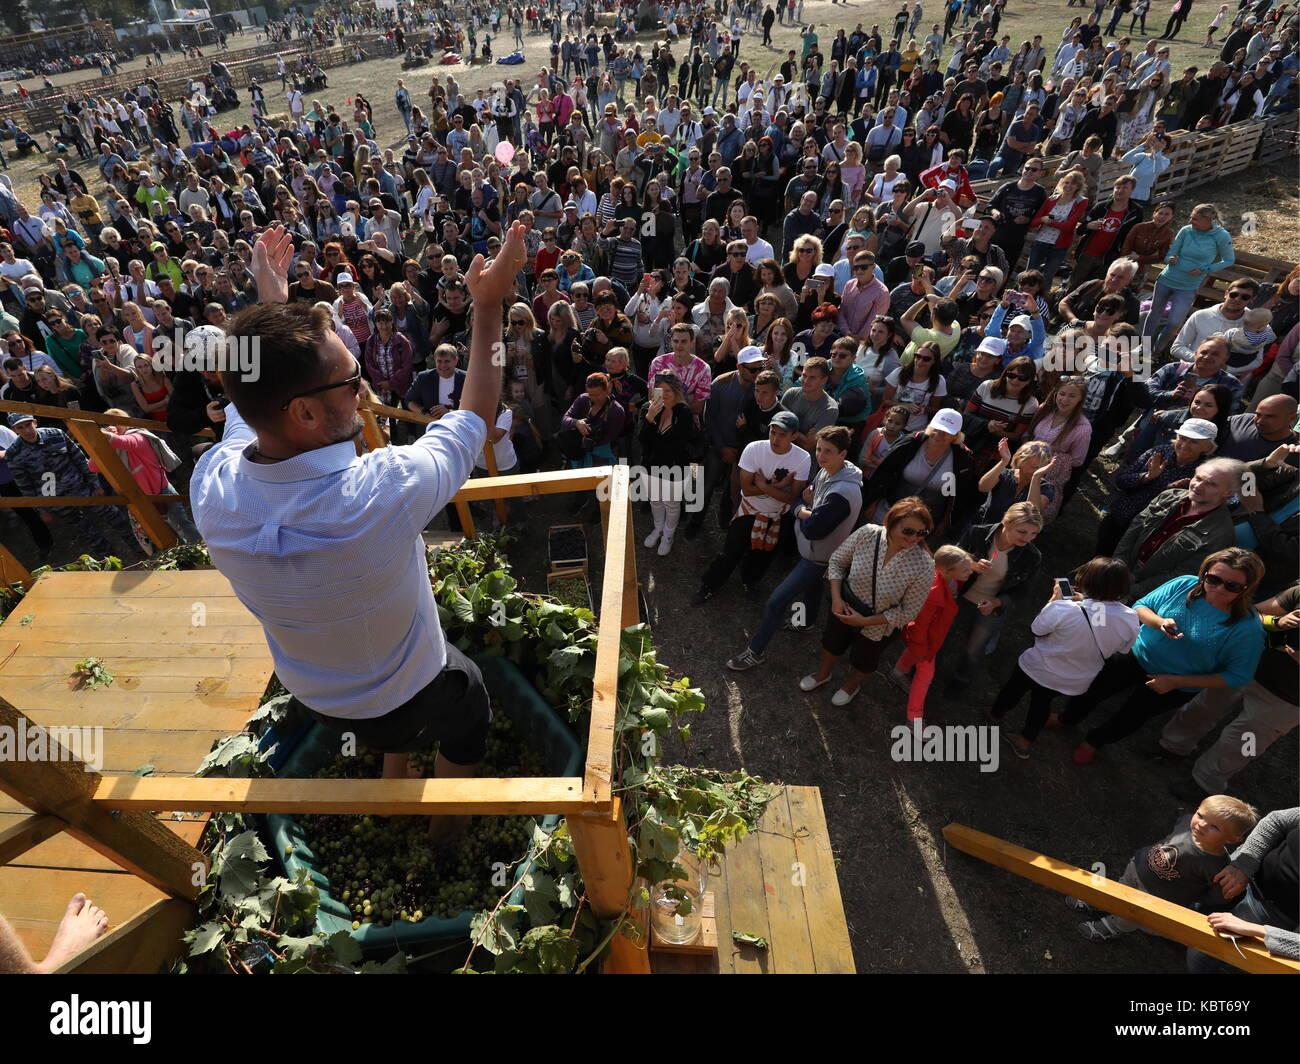 Crimea, Rusia. 30 sep, 2017. Un hombre winefest stomps uvas en la vendimia y elaboración del vino en el festival de zolotaya balka bodega en la ciudad de balaklava. Crédito: Sergei malgavko/tass/alamy live news Foto de stock